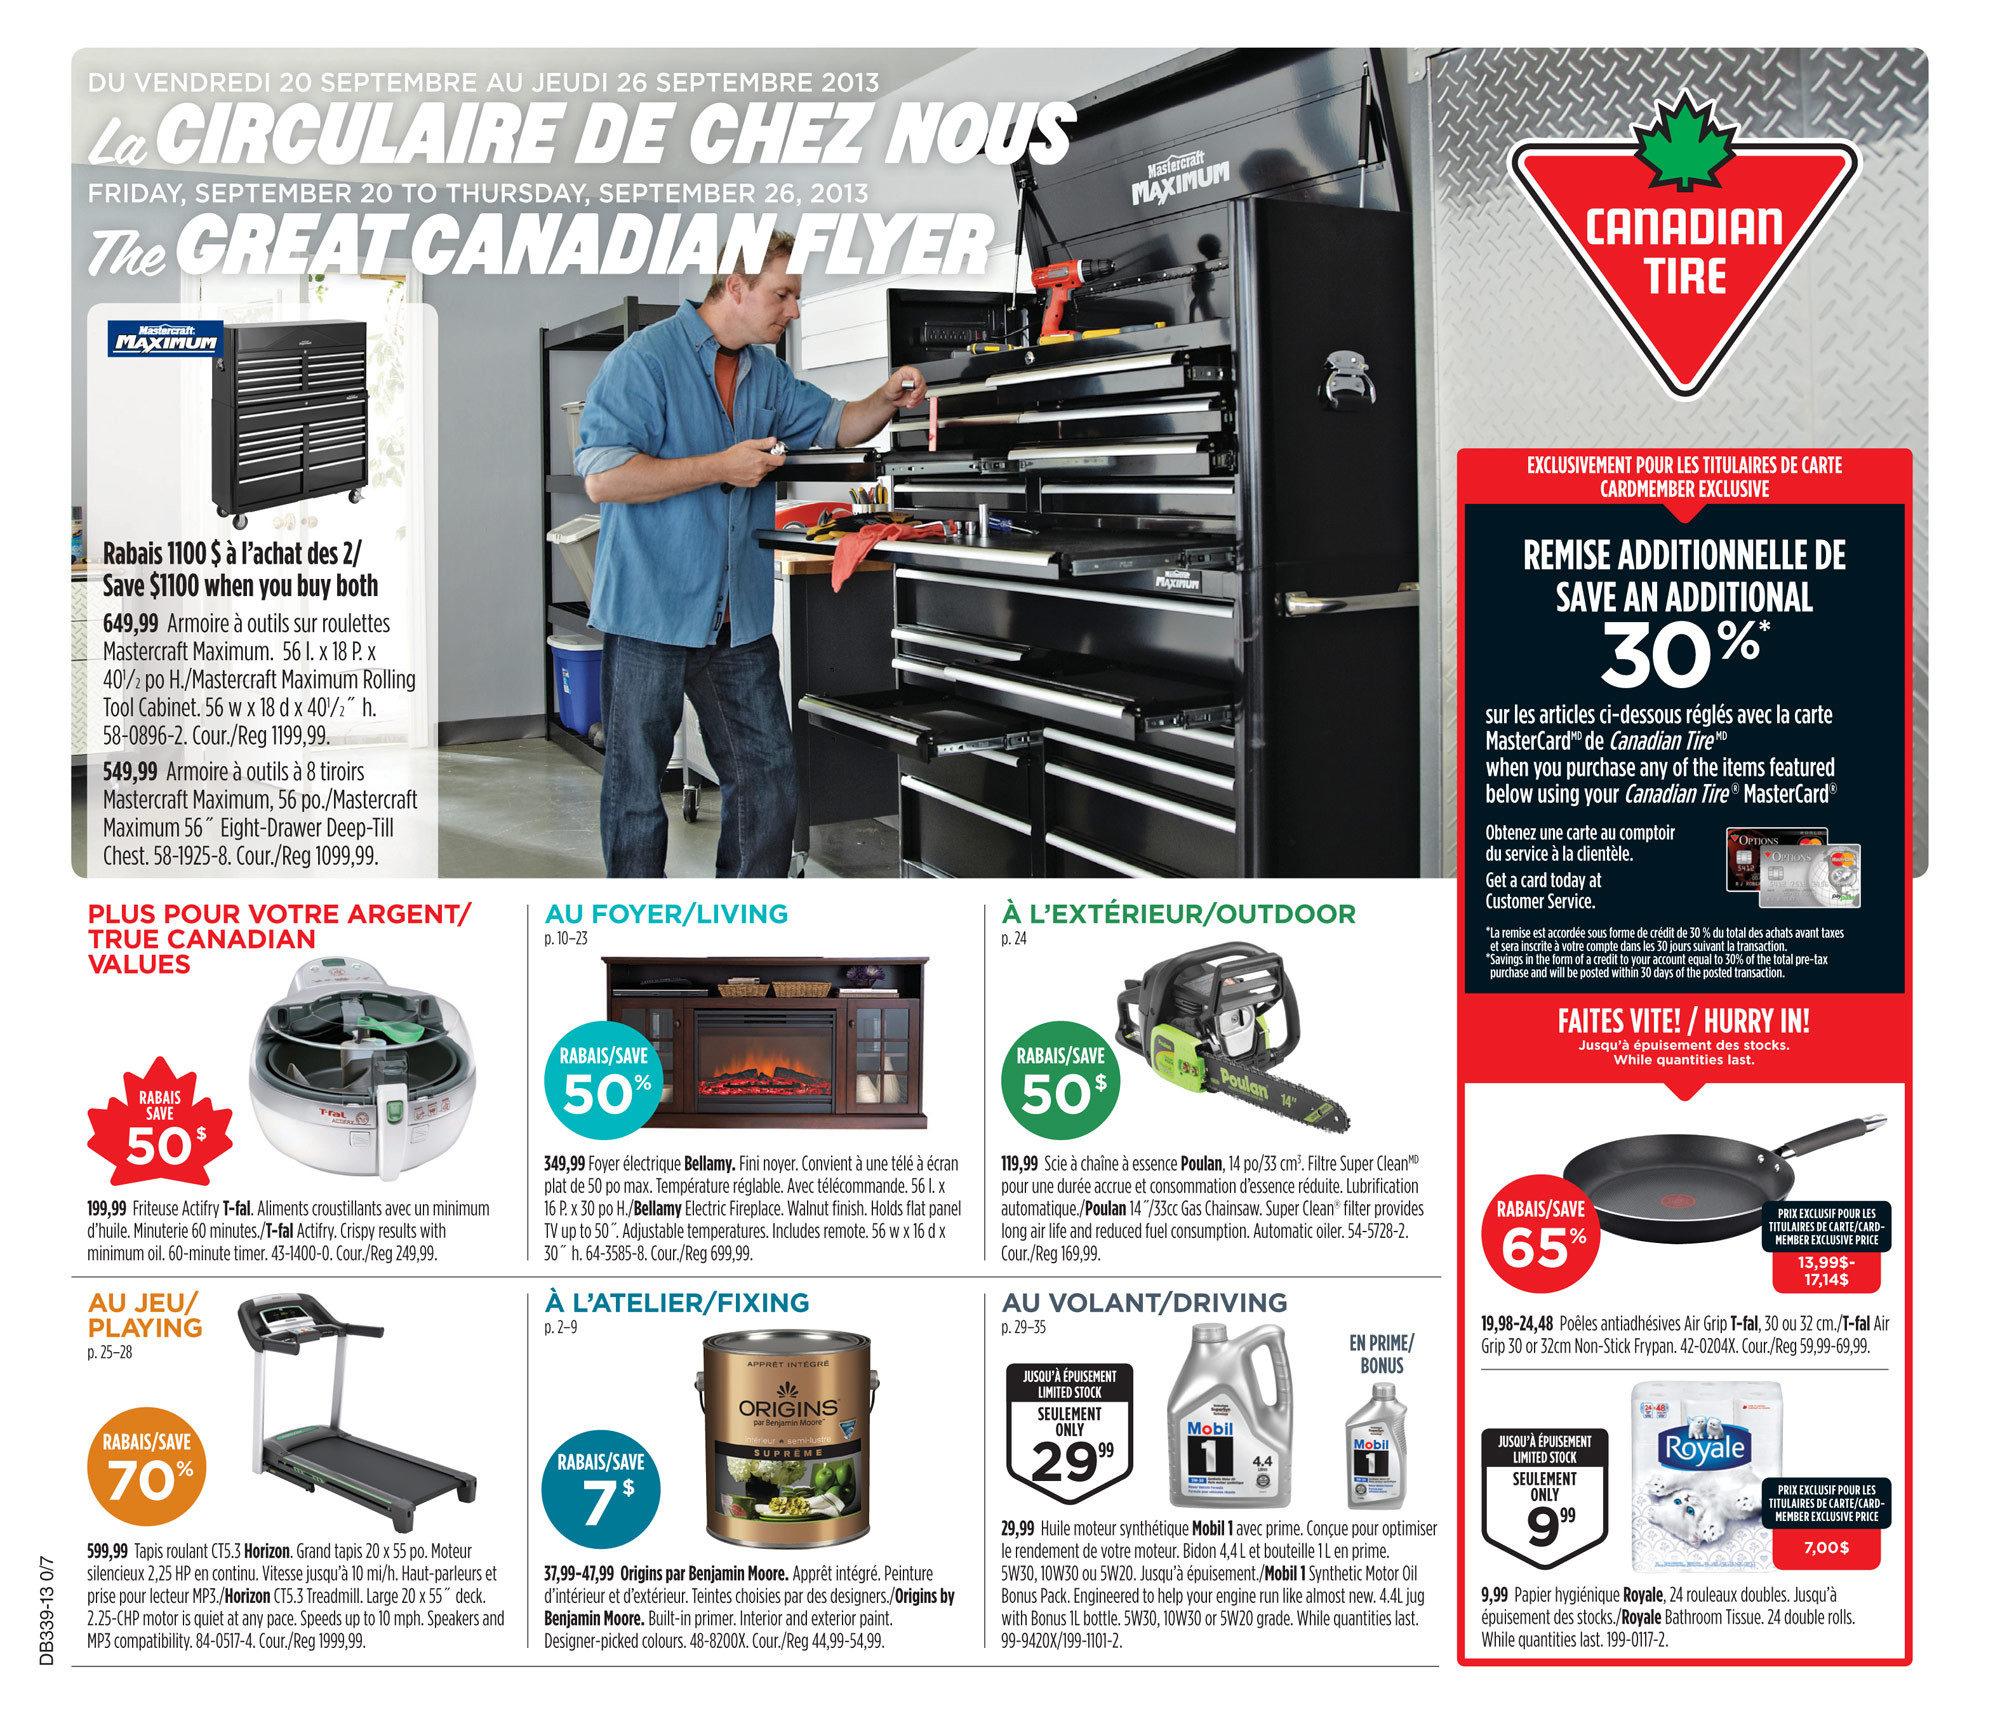 Stansport Chauffe-main avec 2 fuel sticks 628 NOUVEAU